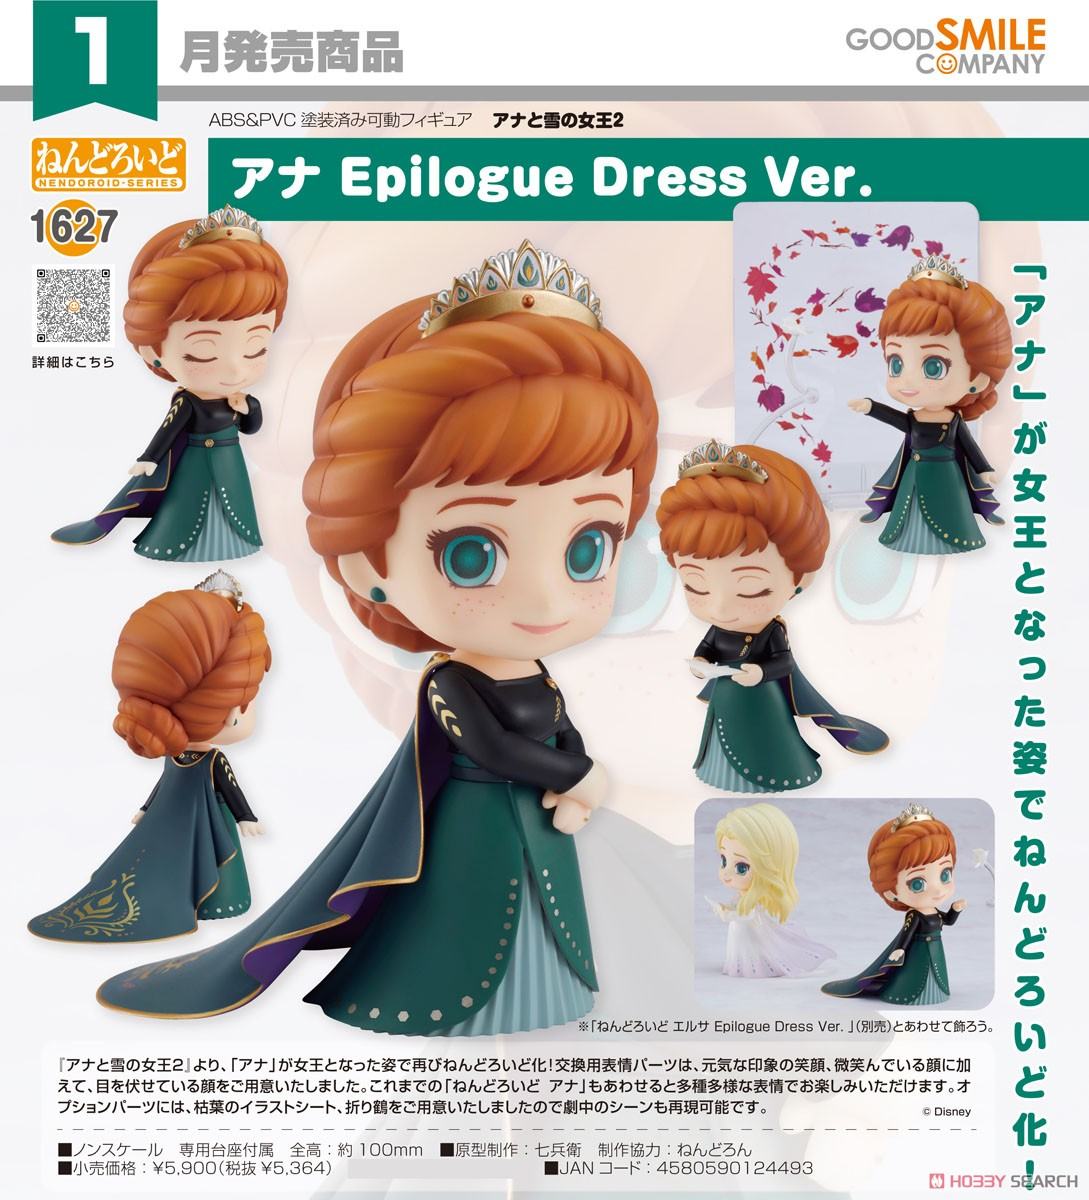 ねんどろいど『エルサ Epilogue Dress Ver.』アナと雪の女王2 デフォルメ可動フィギュア-015